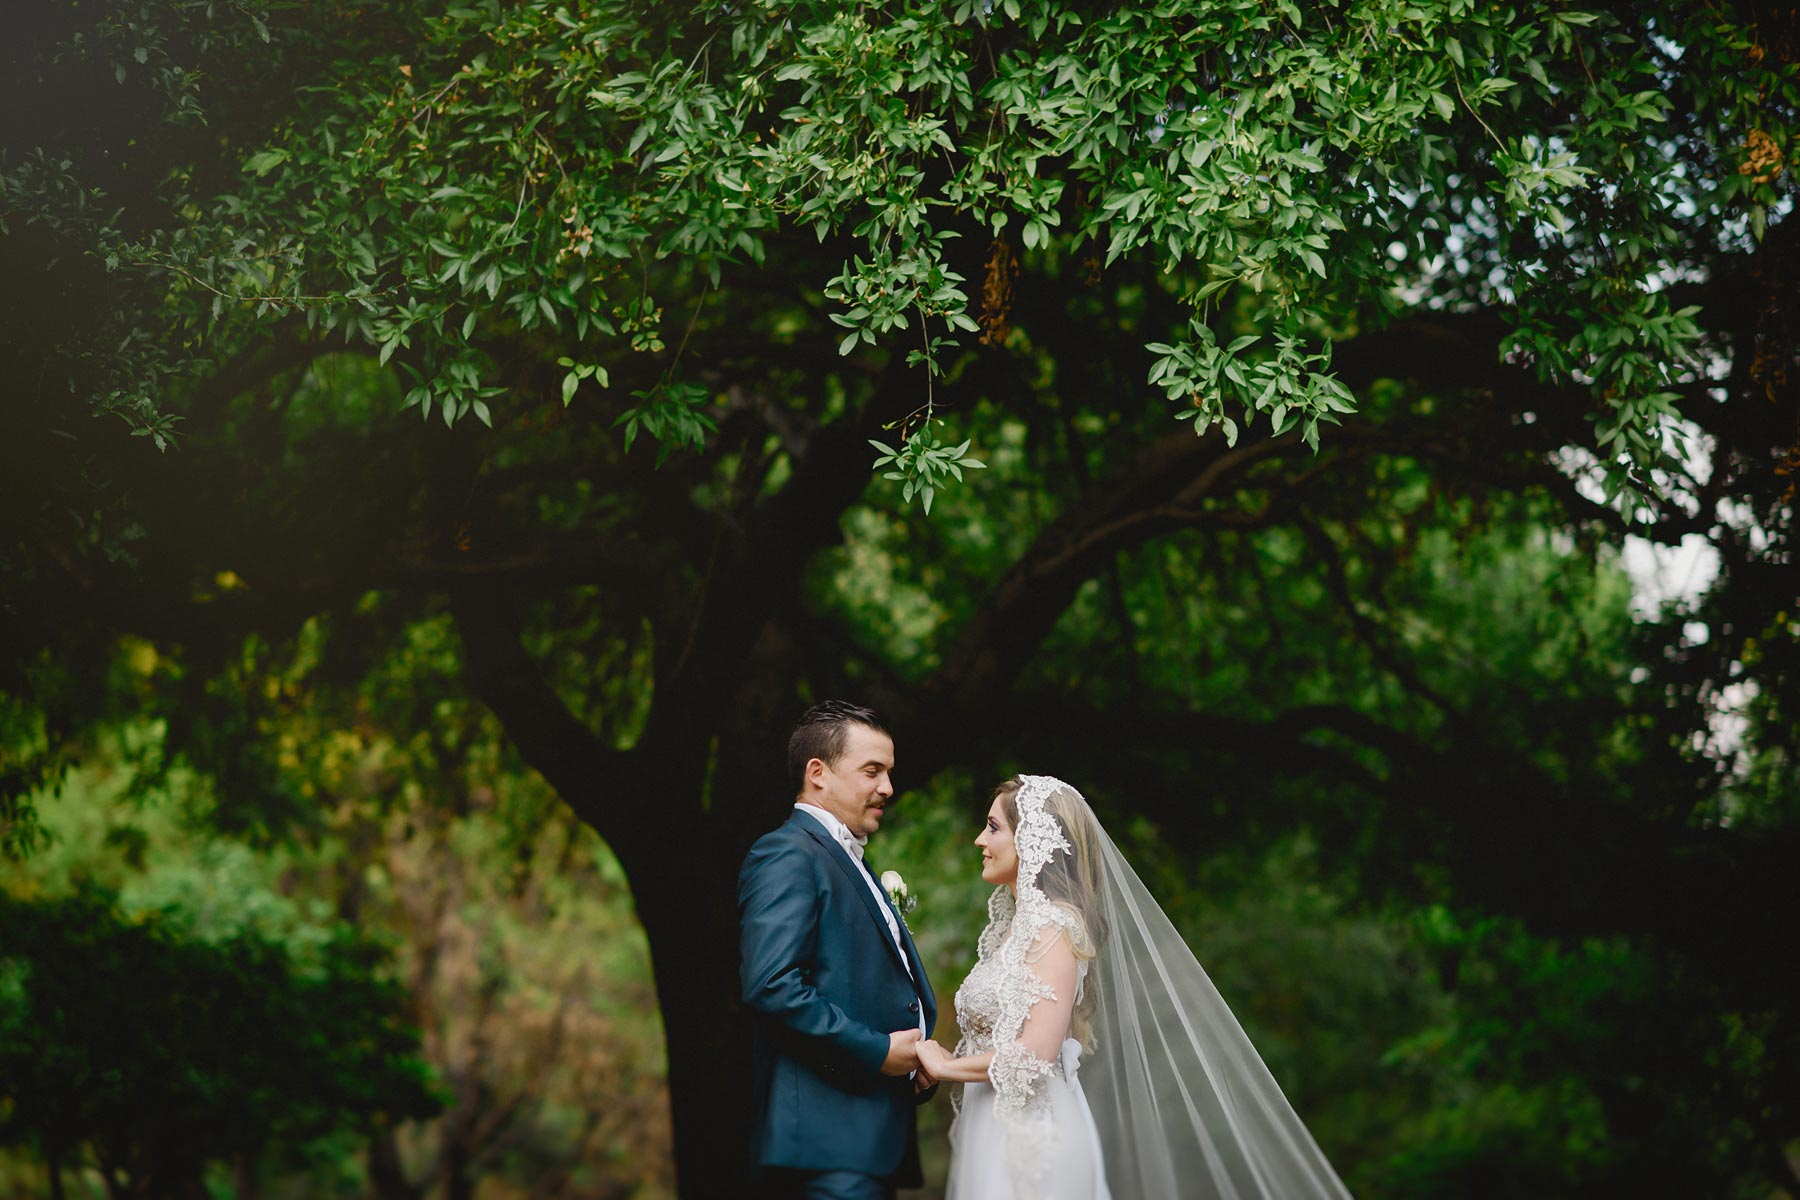 fotografo-de-bodas-en-san-pedro-garza-garcia-25